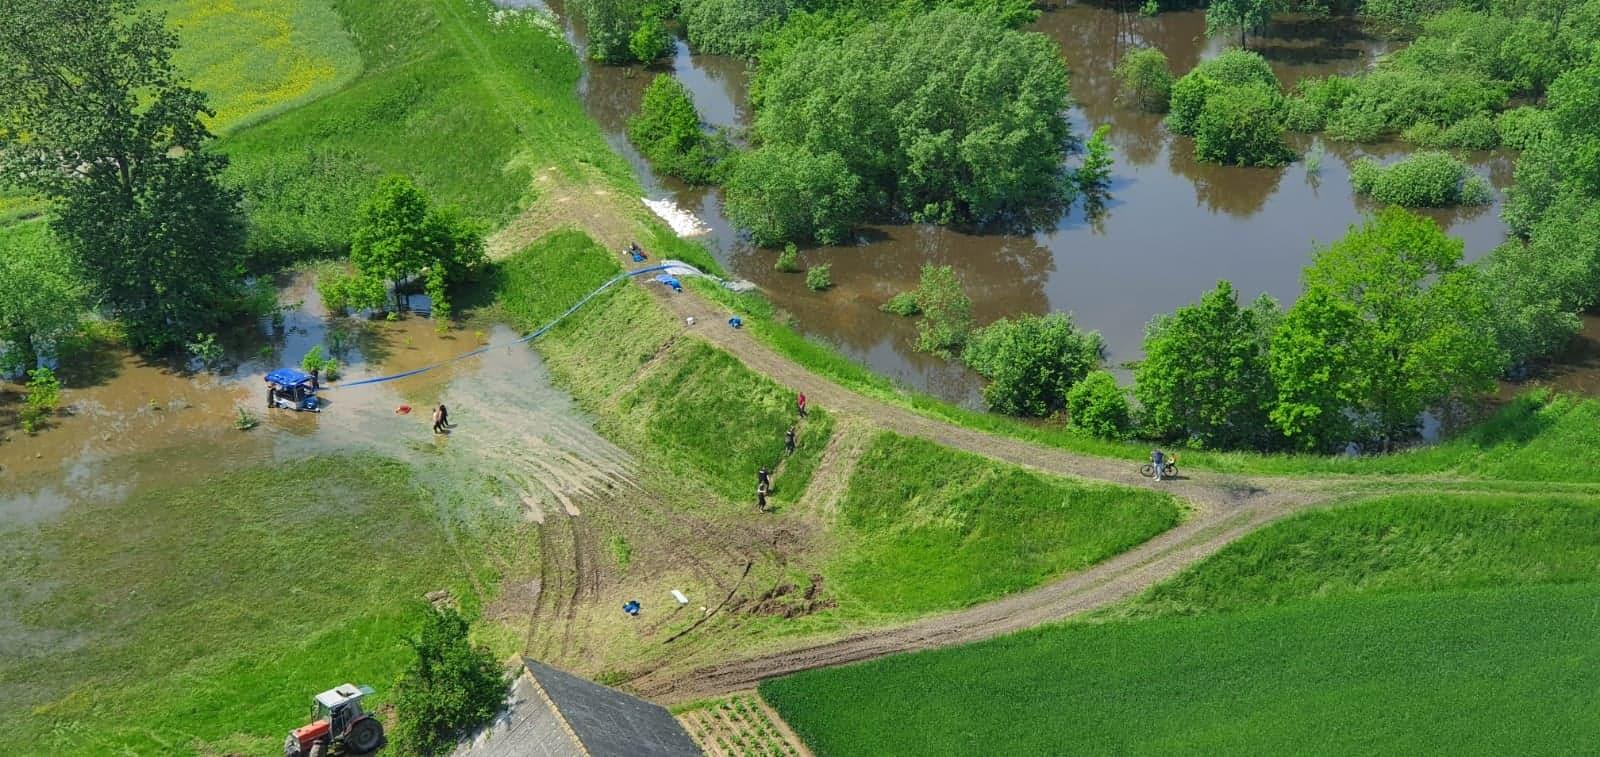 Raport powodziowy: Sytuacja stabilna. Coraz mniej wody.Mamy zdjęcia z policyjnego Black Hawka [FOTO] - Zdjęcie główne